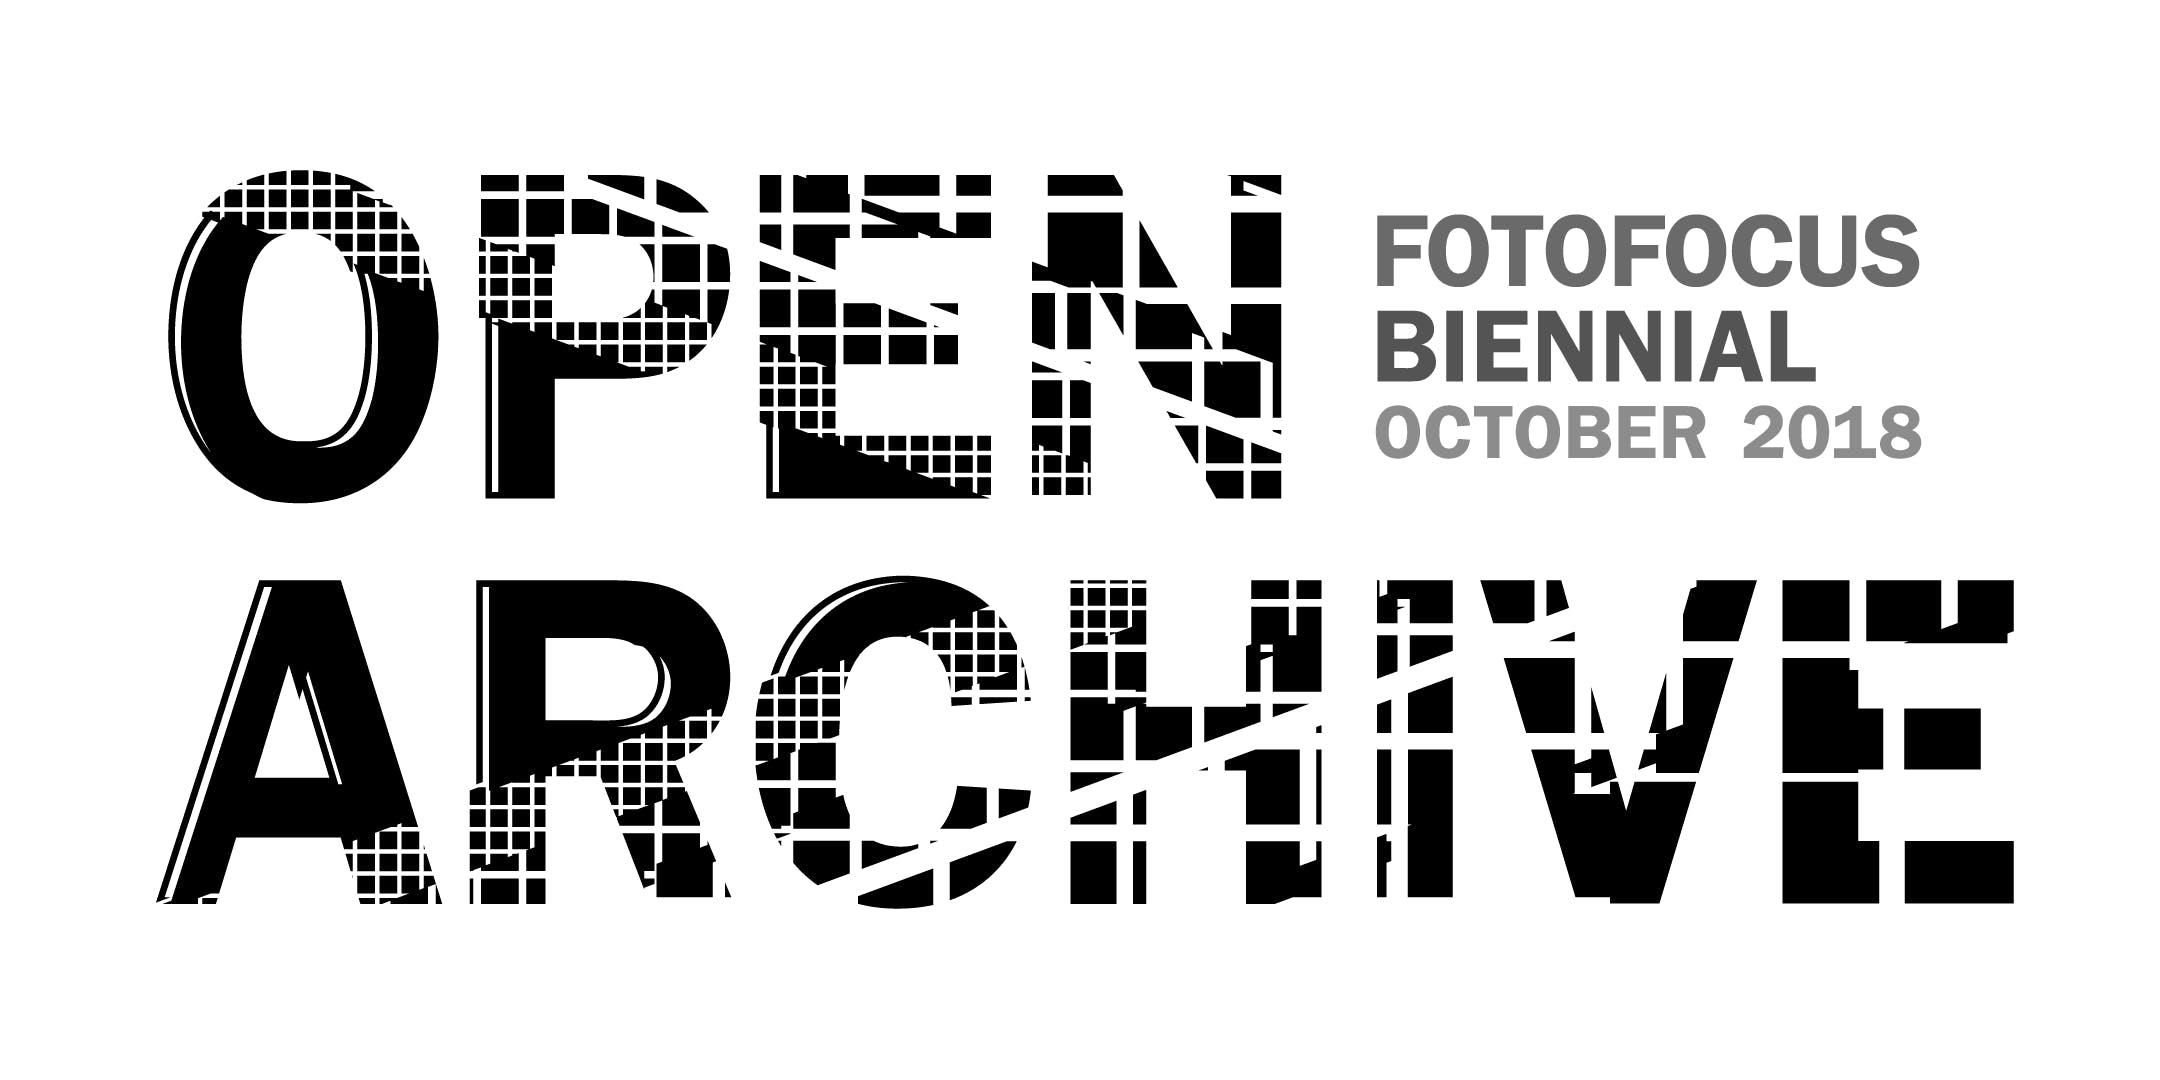 FotoFocus Biennial 2018 Passport